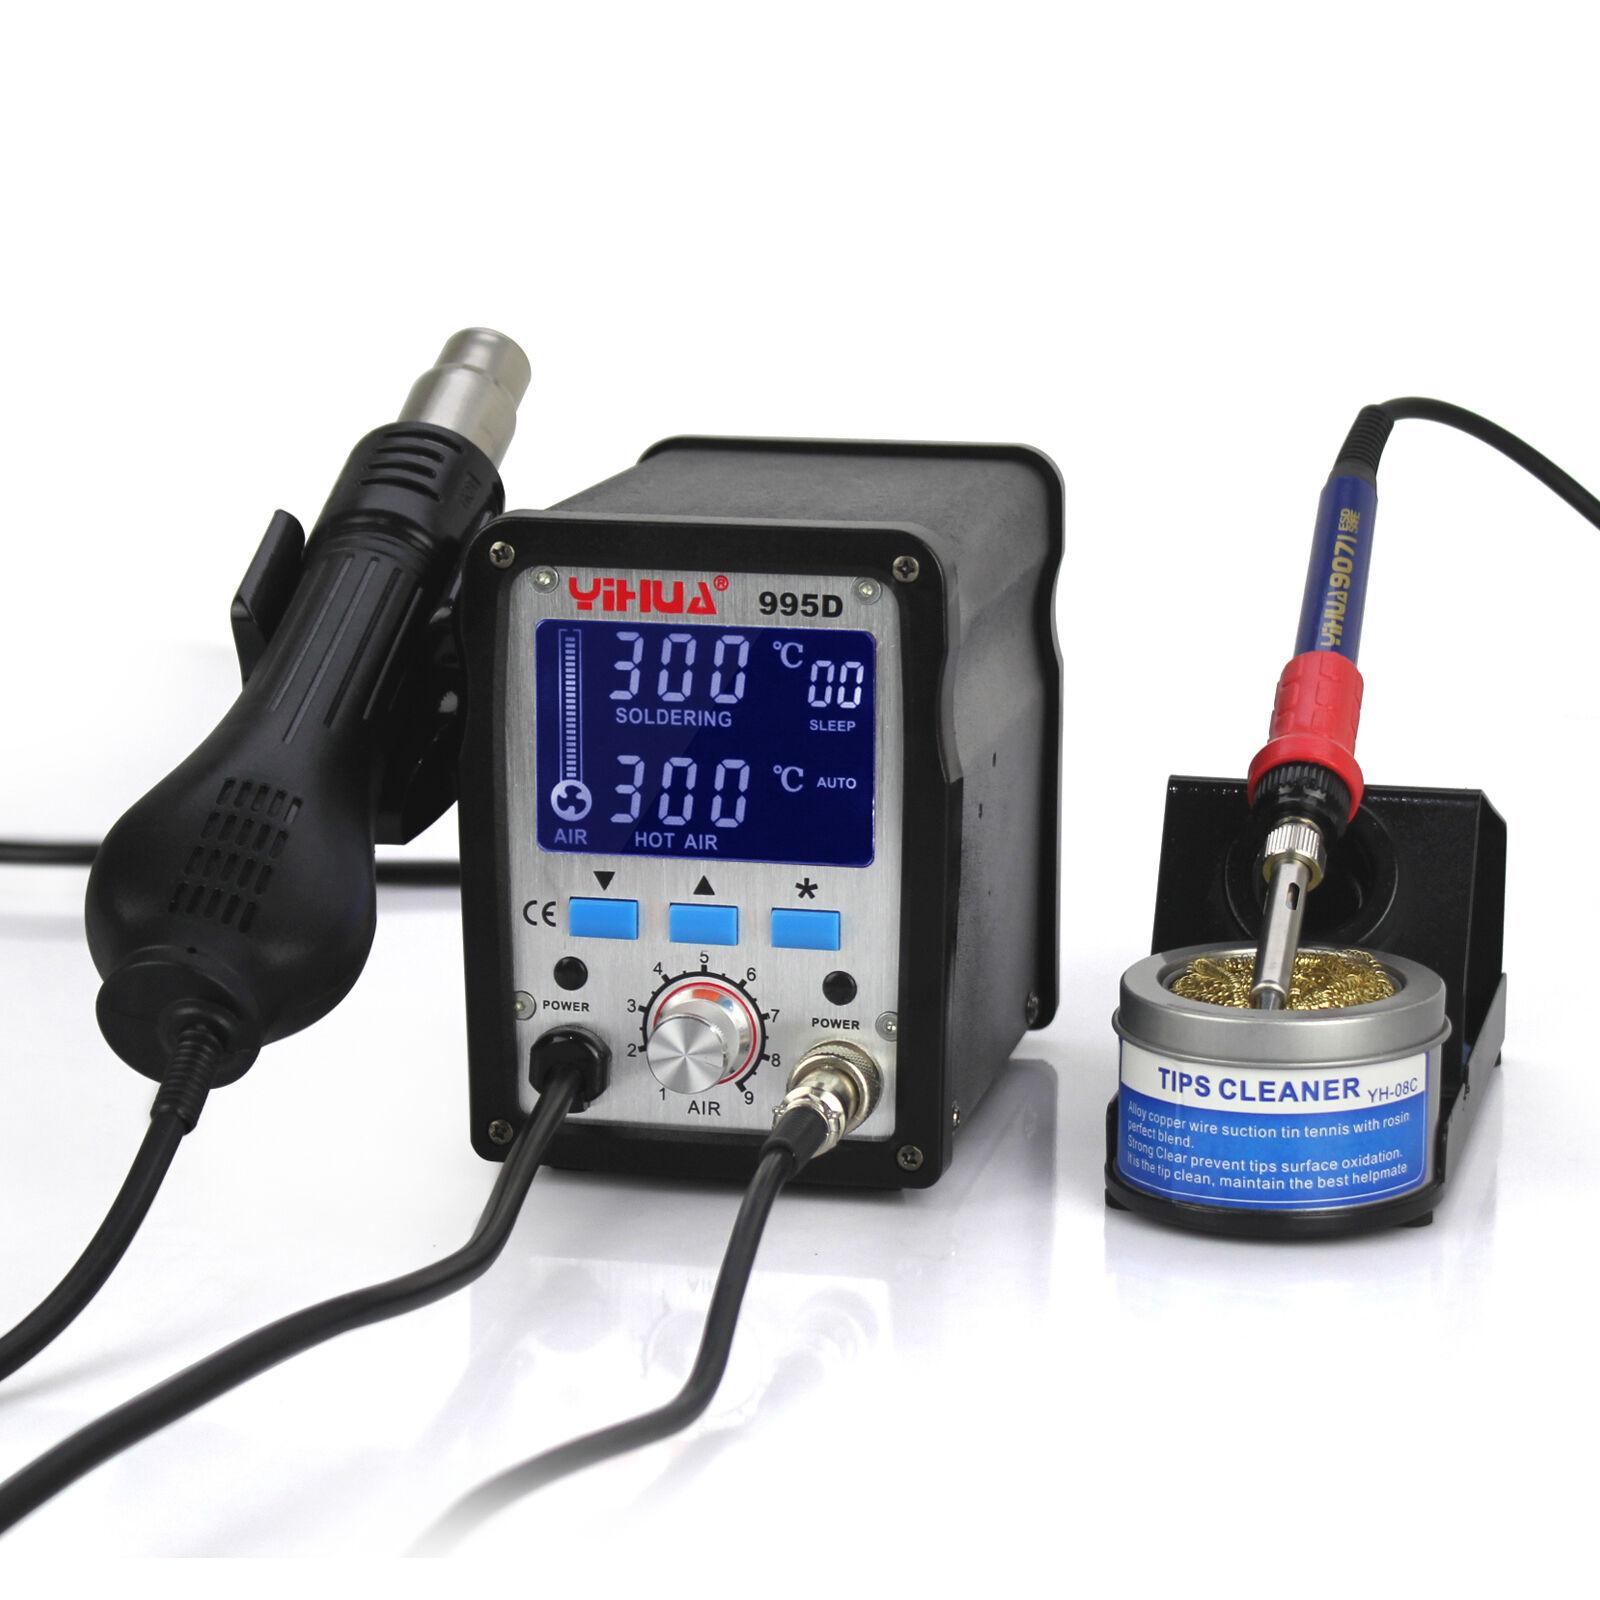 UK-PHONECASEONLINE YiHua 995d LCD SMD hot air station 220v EURO